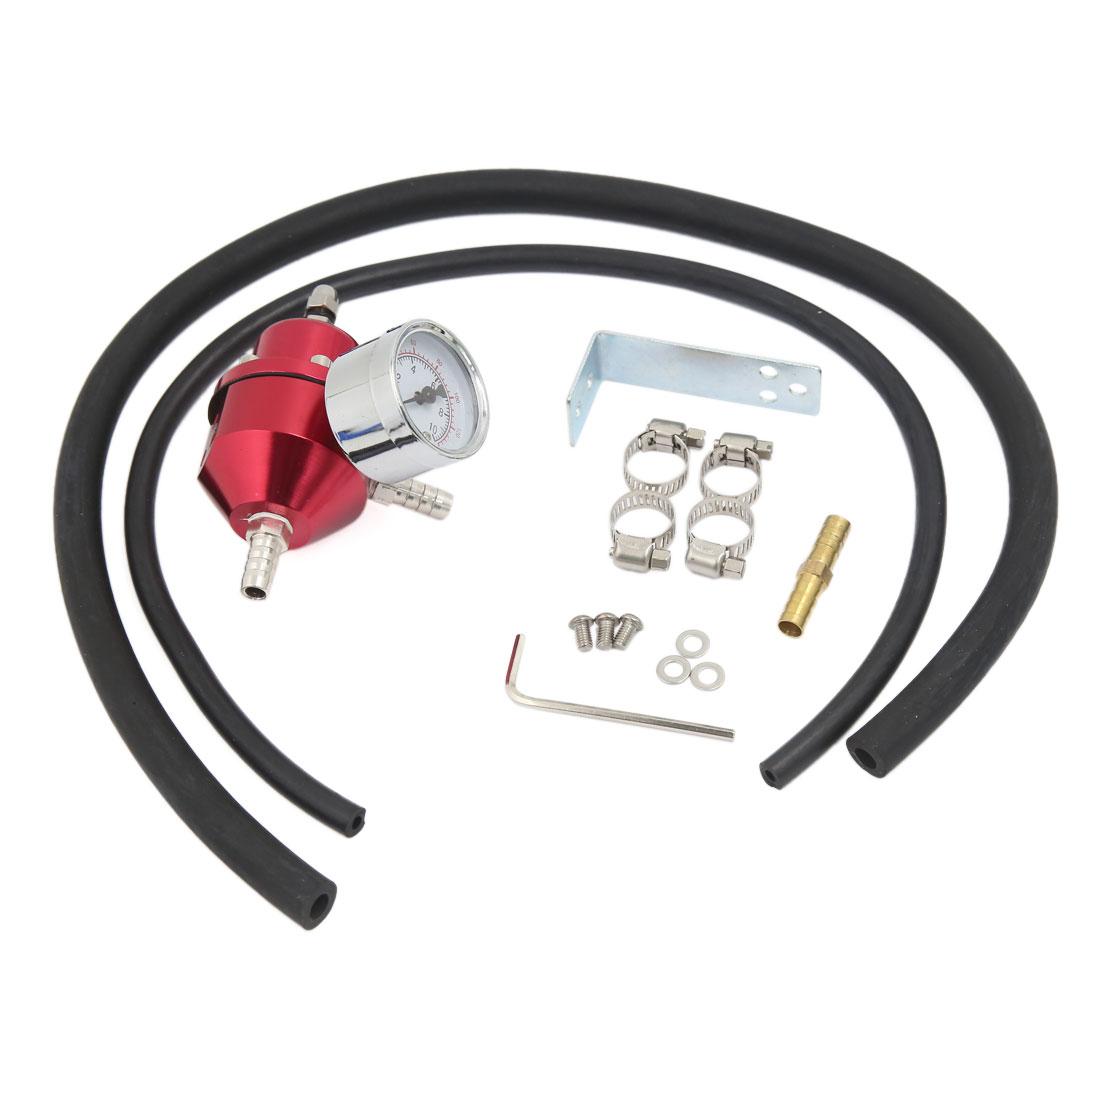 Universal 0-140 PSI Adjustable Fuel Pressure Regulator Gauge Hose Kit Red for Car